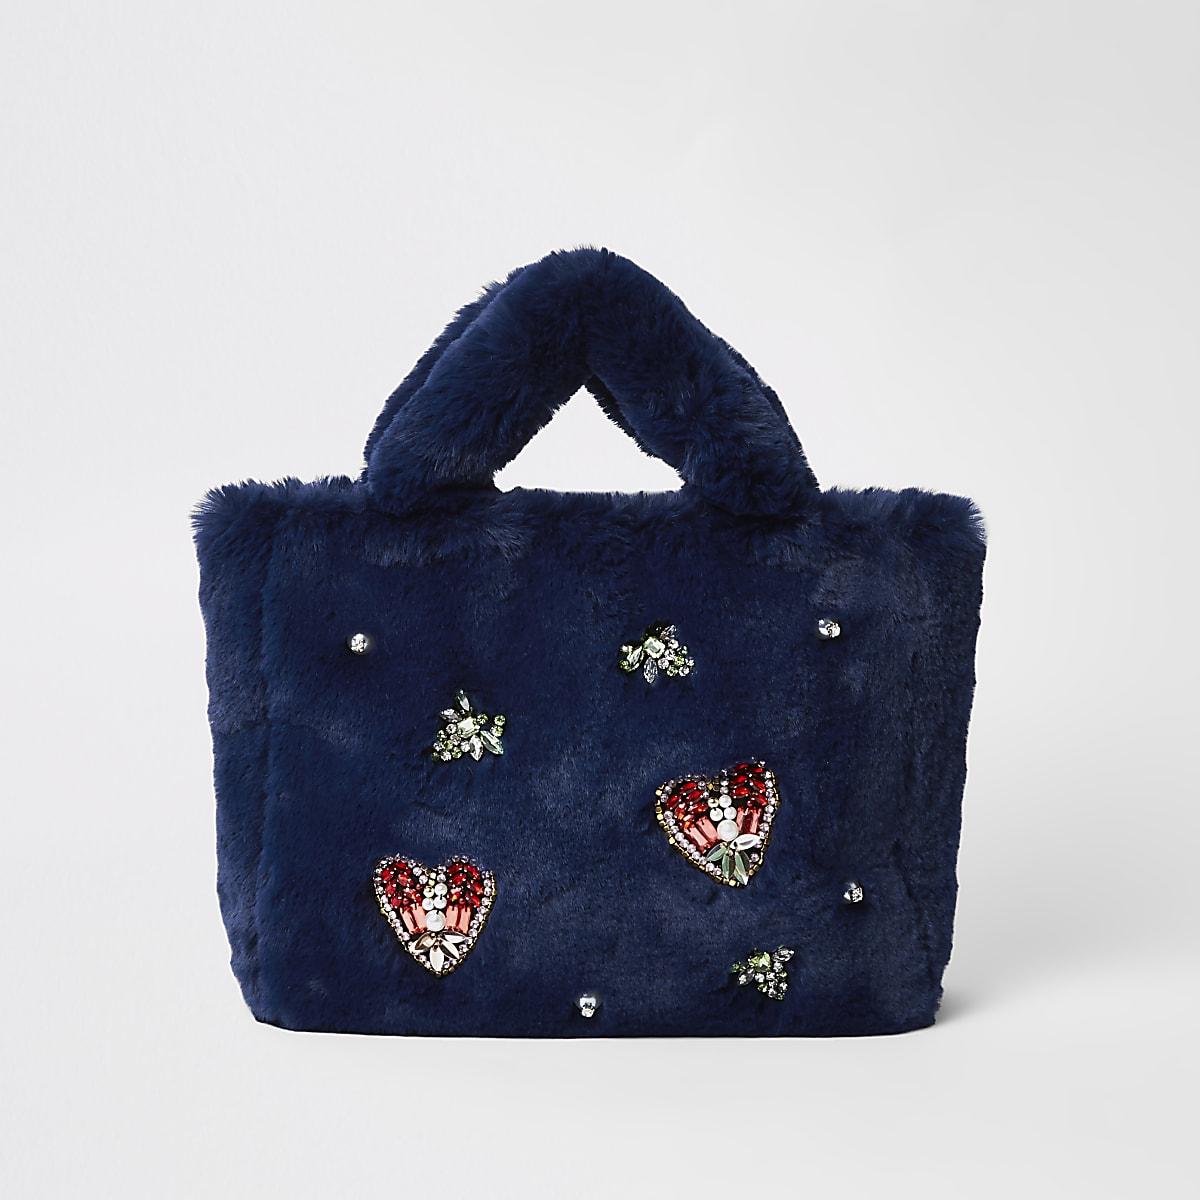 Navy faux fur jewel embellished shopper bag